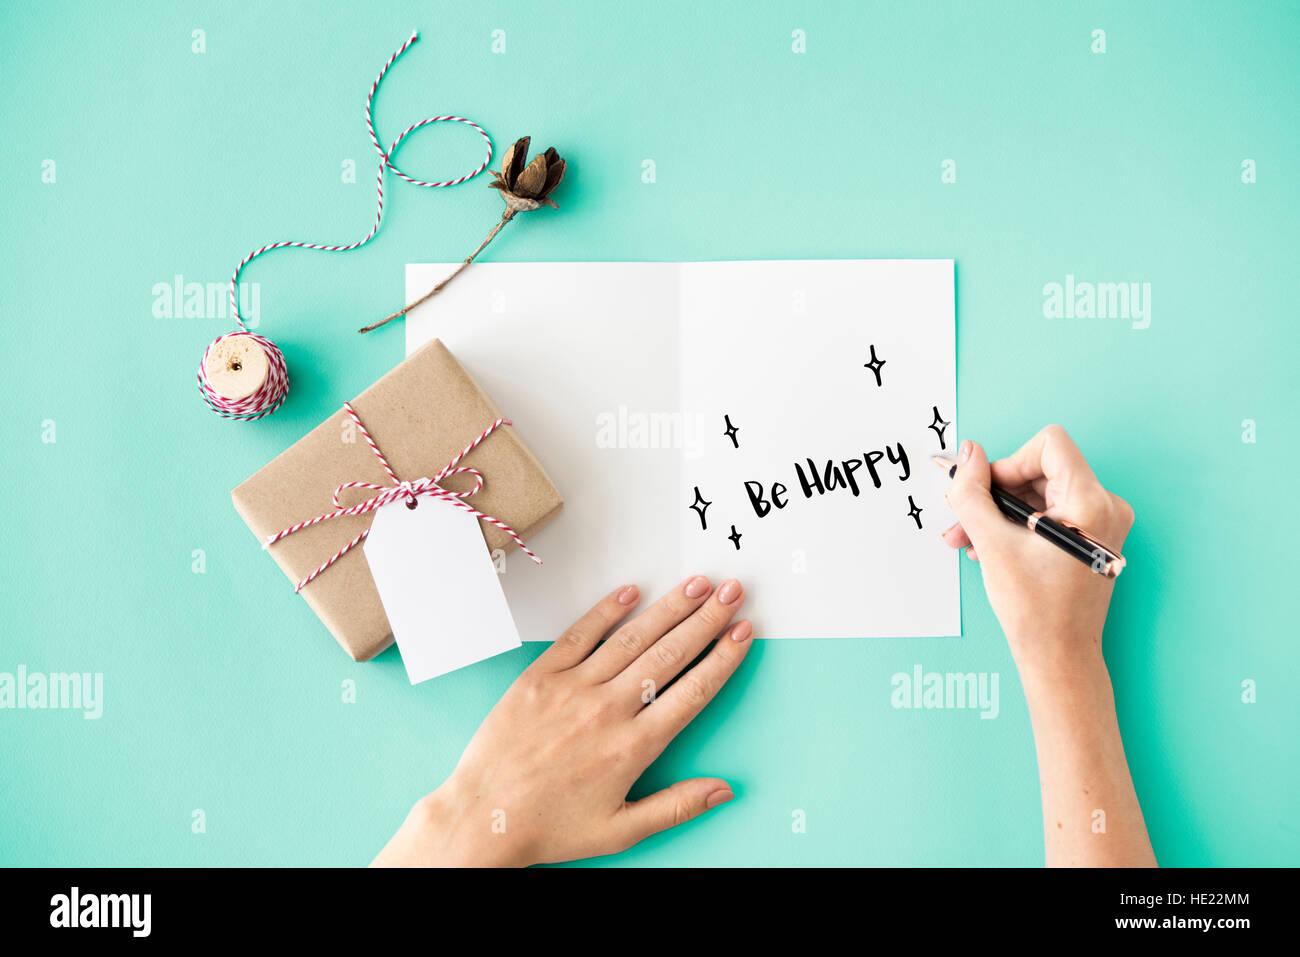 Joyeux anniversaire souris toujours Concept Photo Stock